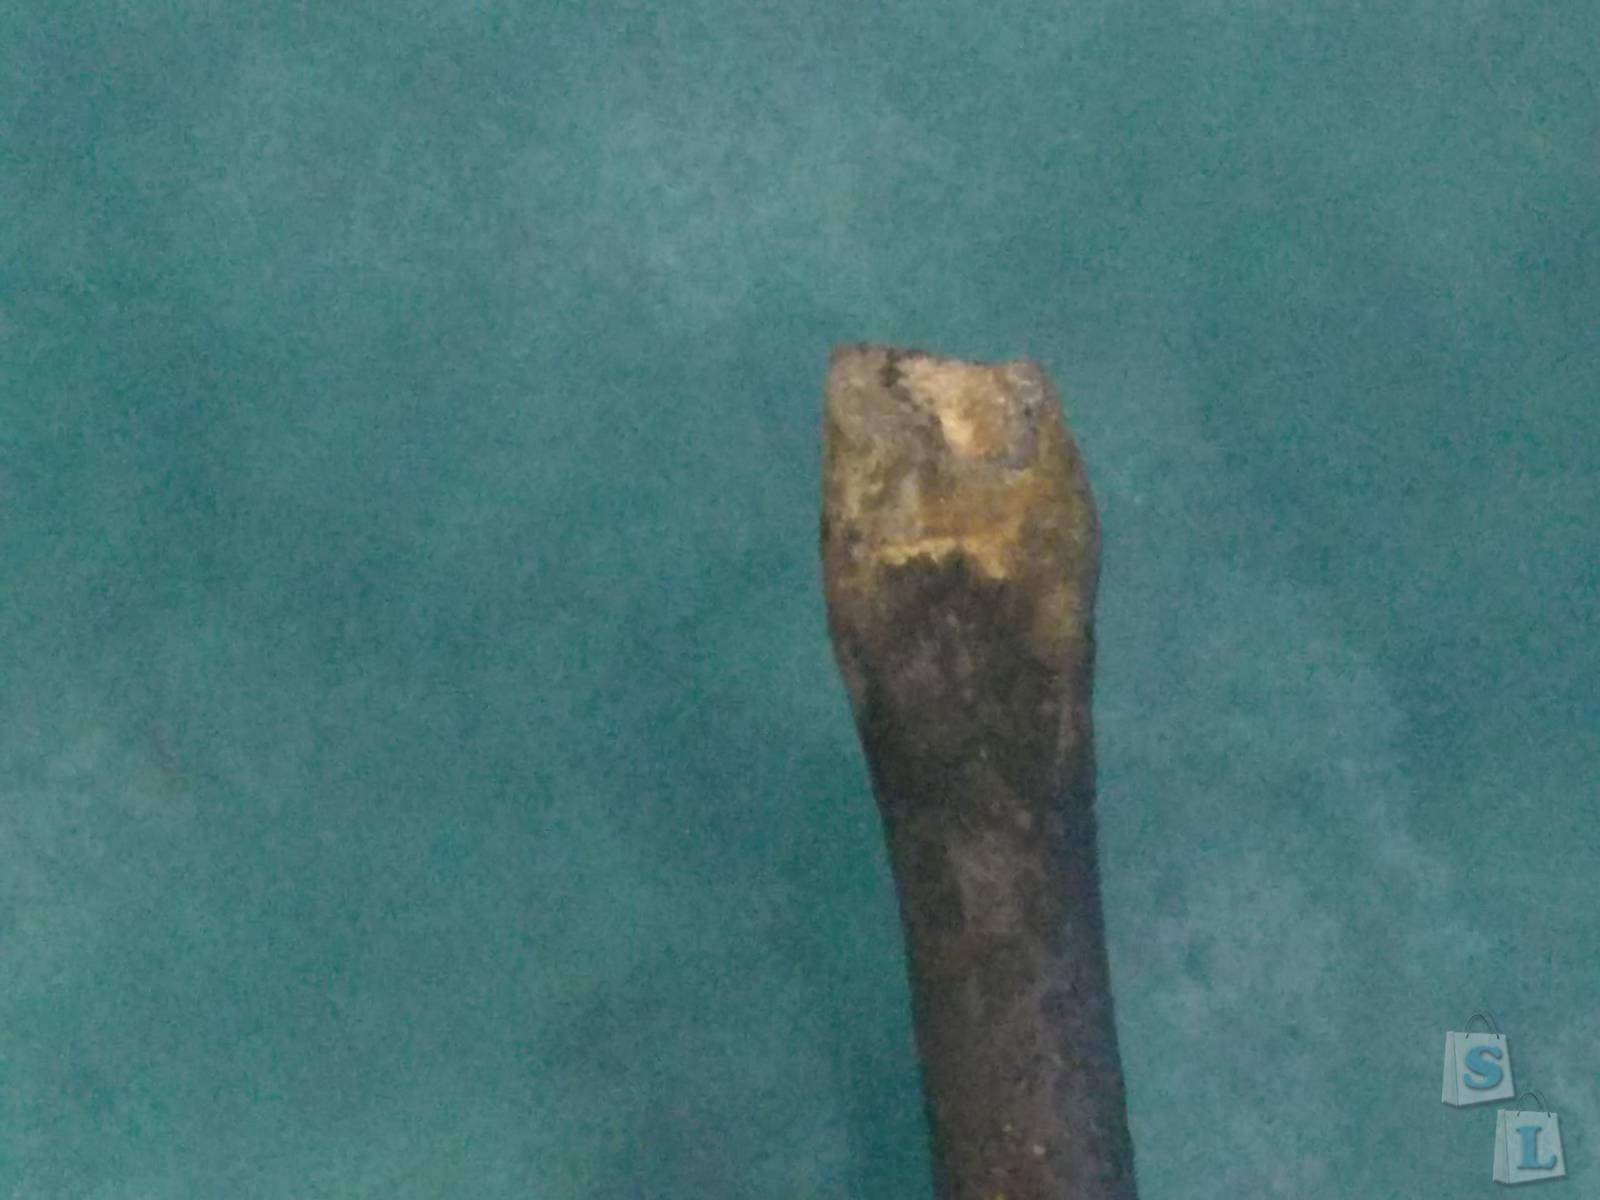 GearBest: Небольшой обзор медной губки для очистки жала паяльника от налета